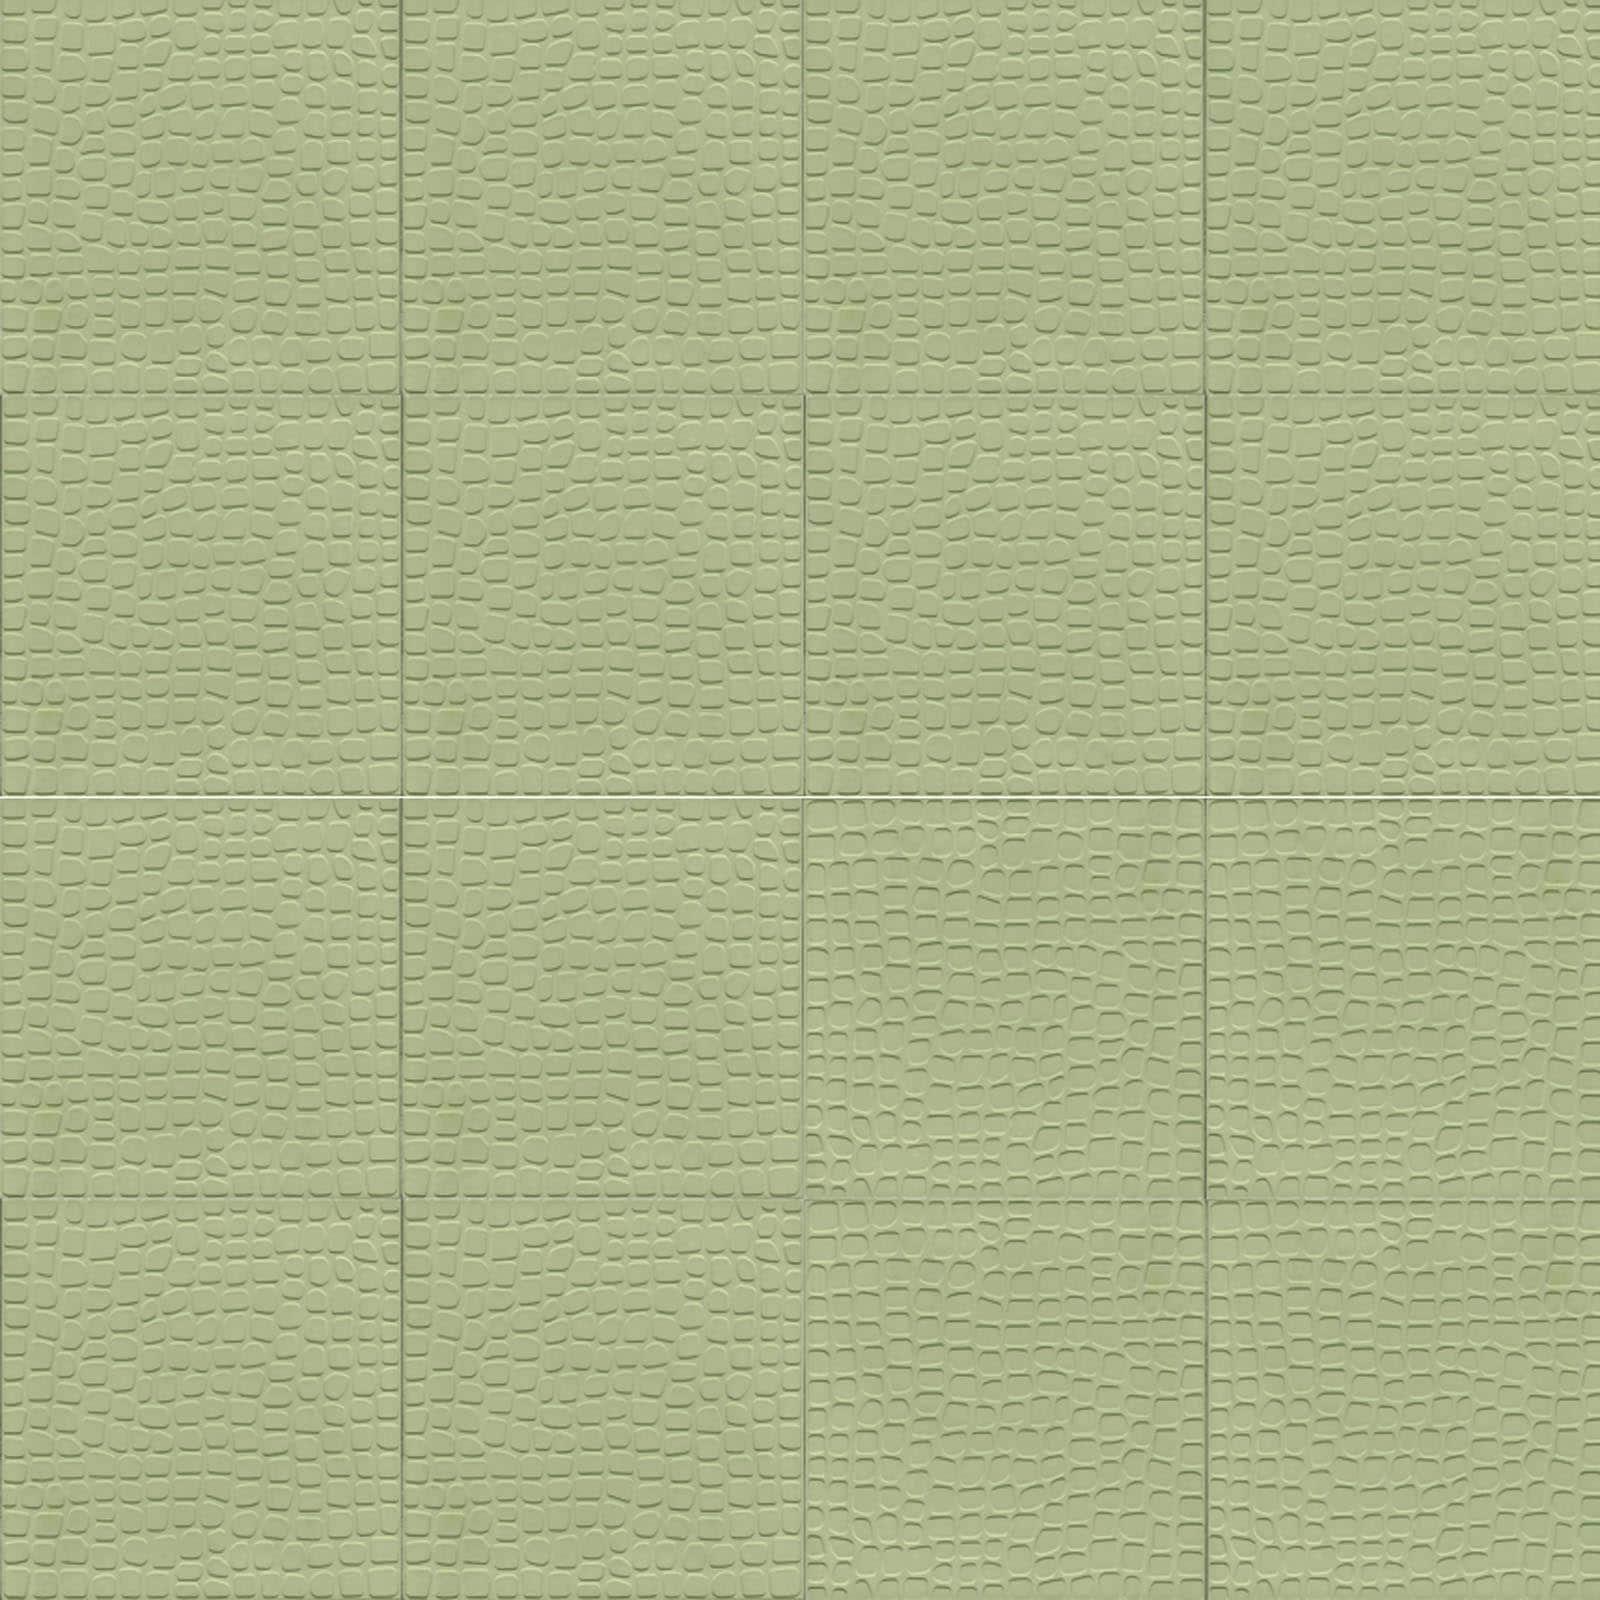 zementfliesen-terrazzofliesen-kreidefarbe-terrazzo-fugenlos-viaplatten-40721-verlegemuster | 40721